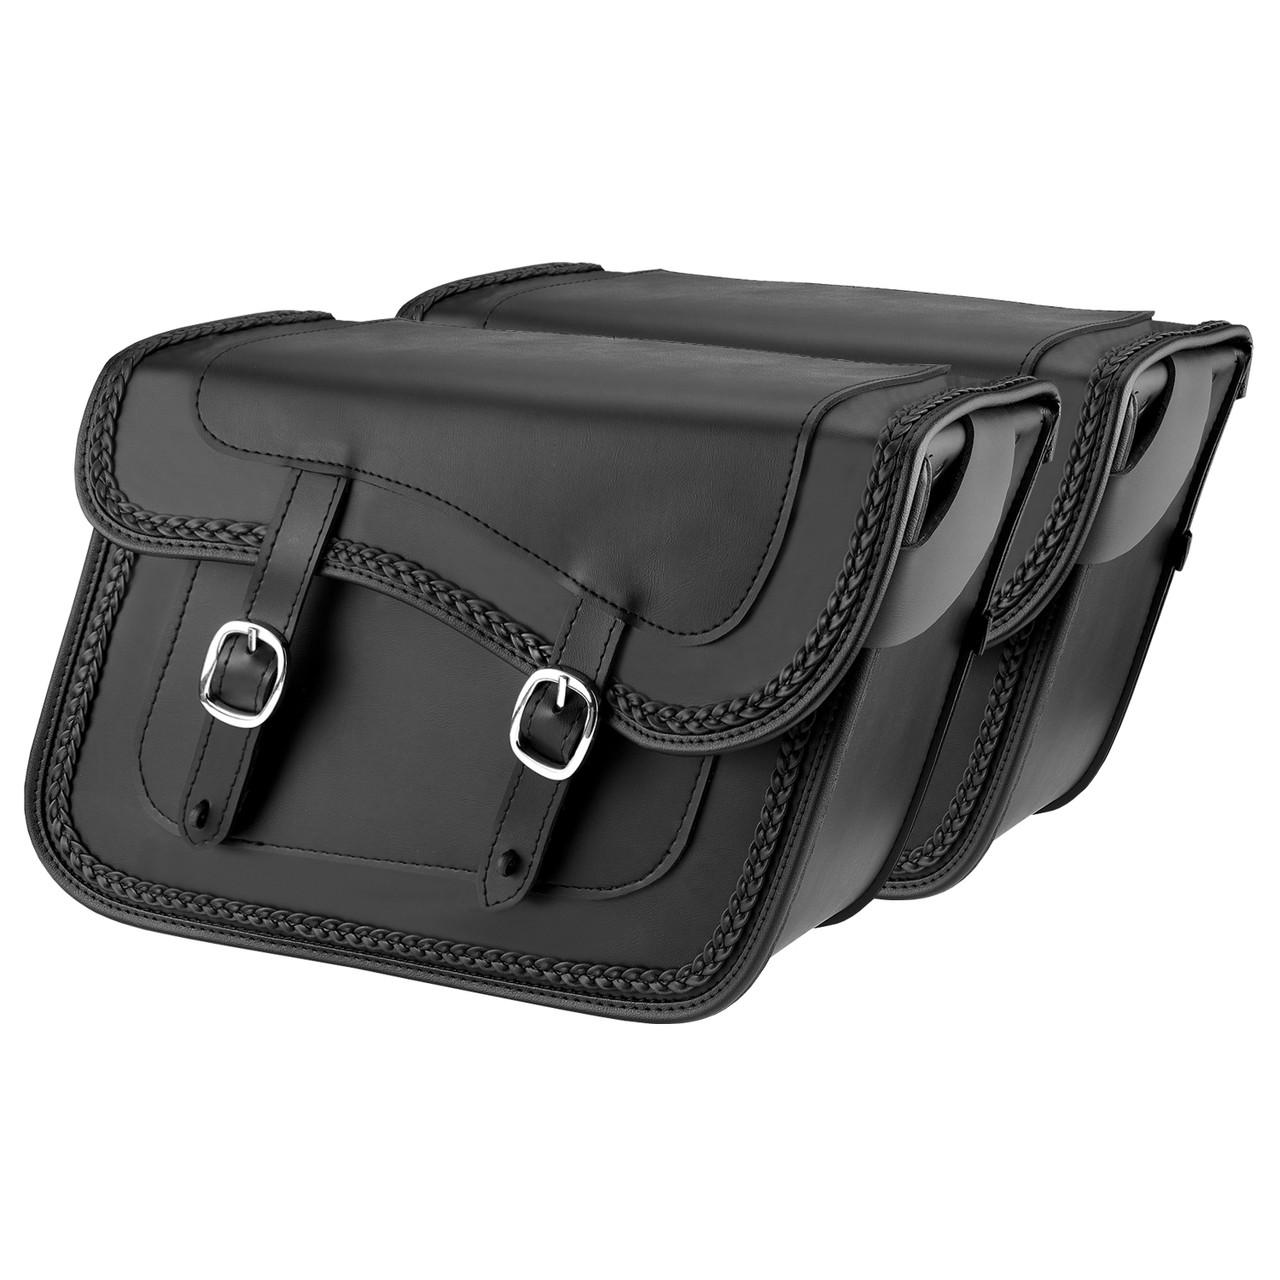 Nomad usa slanted braided leather motorcycle saddlebags for Motor cycle saddle bags